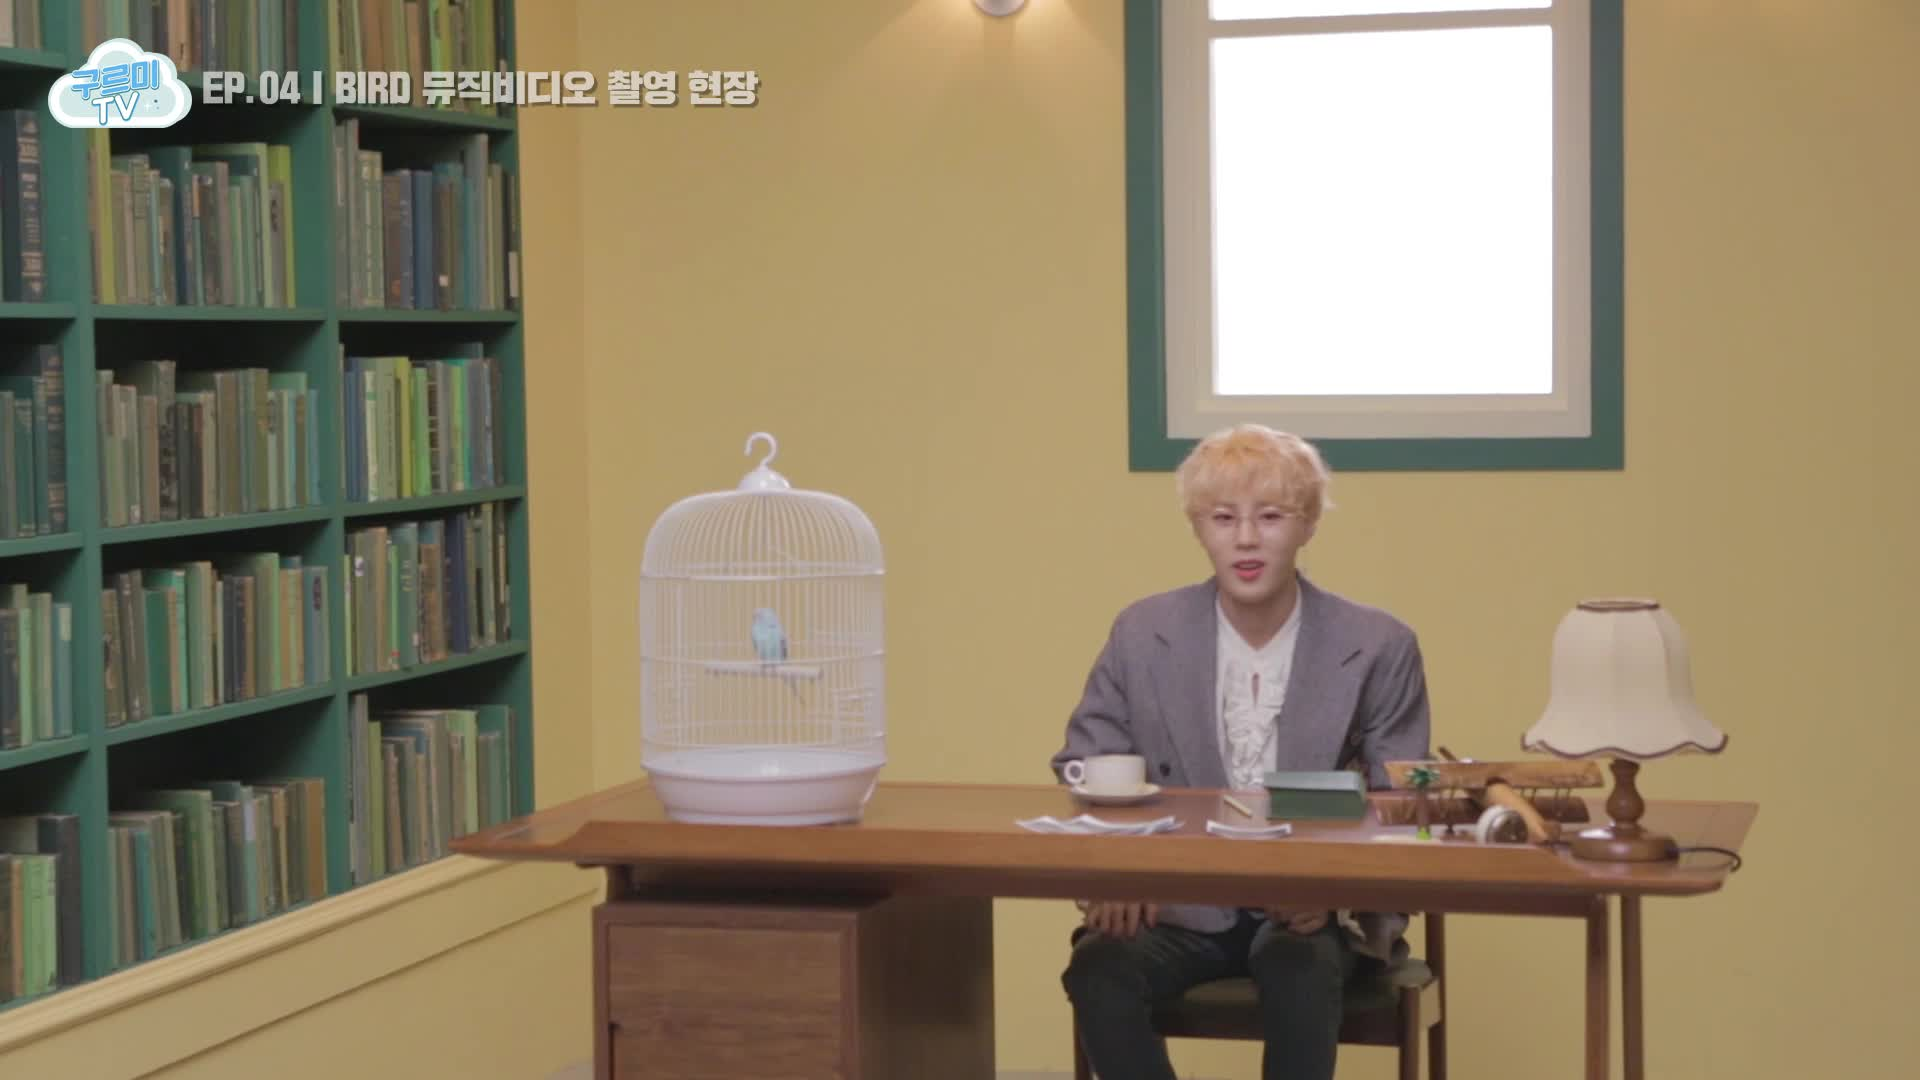 [구르미TV] EP.04 BIRD 뮤직비디오 촬영 현장